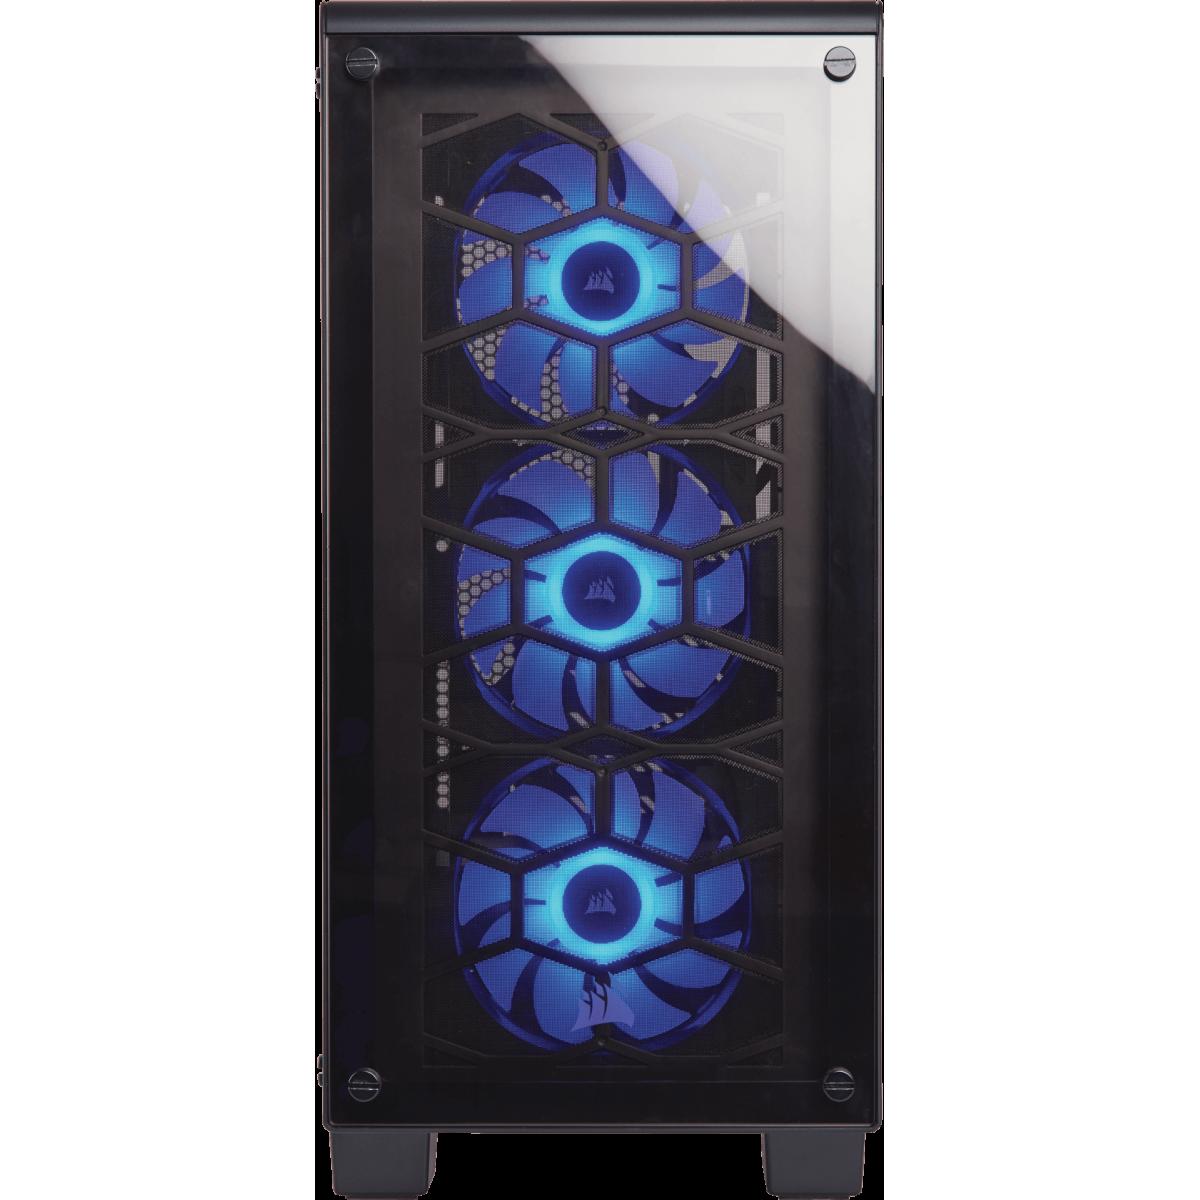 Gabinete Gamer Corsair Crystal 460X RGB, Mid Tower, Com 3 Fans, Vidro Temperado, Black, S-Fonte, CC-9011101-WW